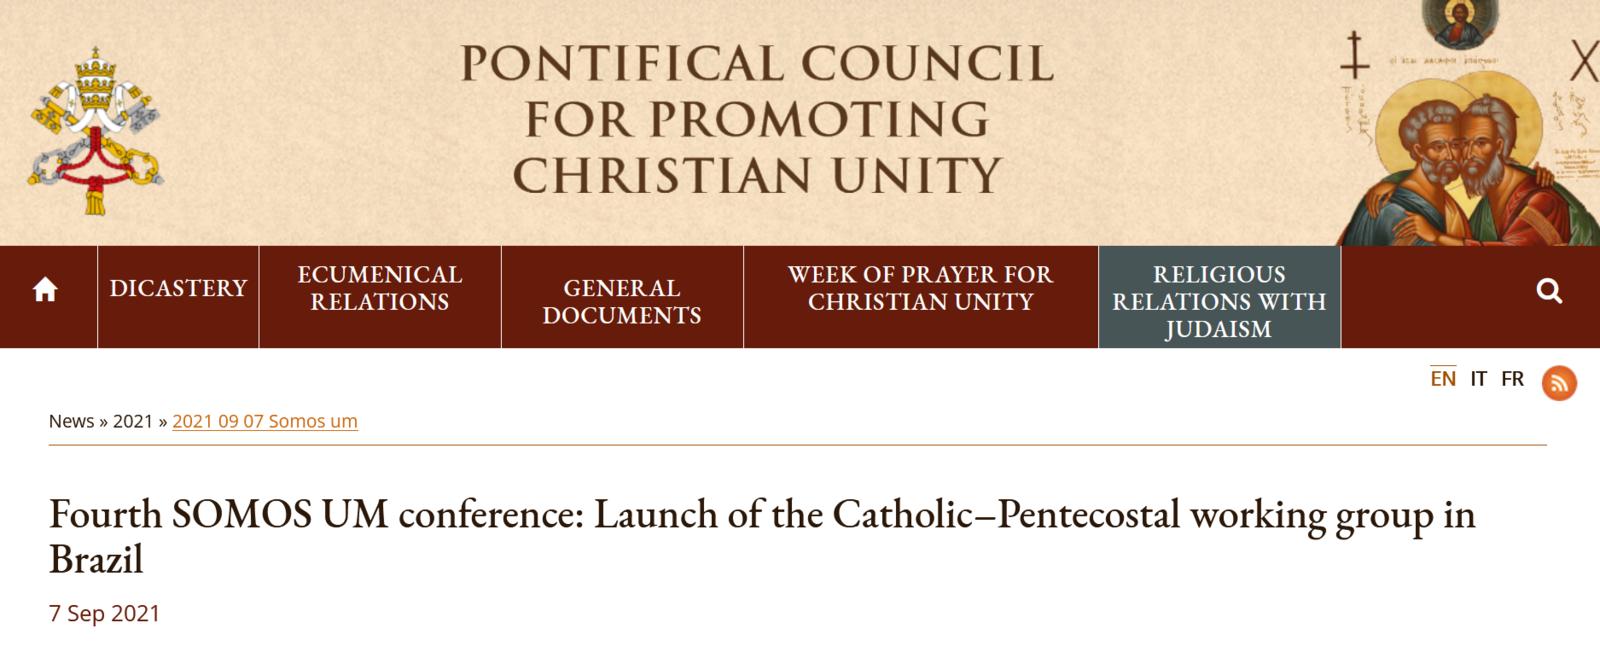 Toujours vers la religion unique : Catholiques et évangéliques se sont réunis à la IVe Conférence internationale « We Are One »